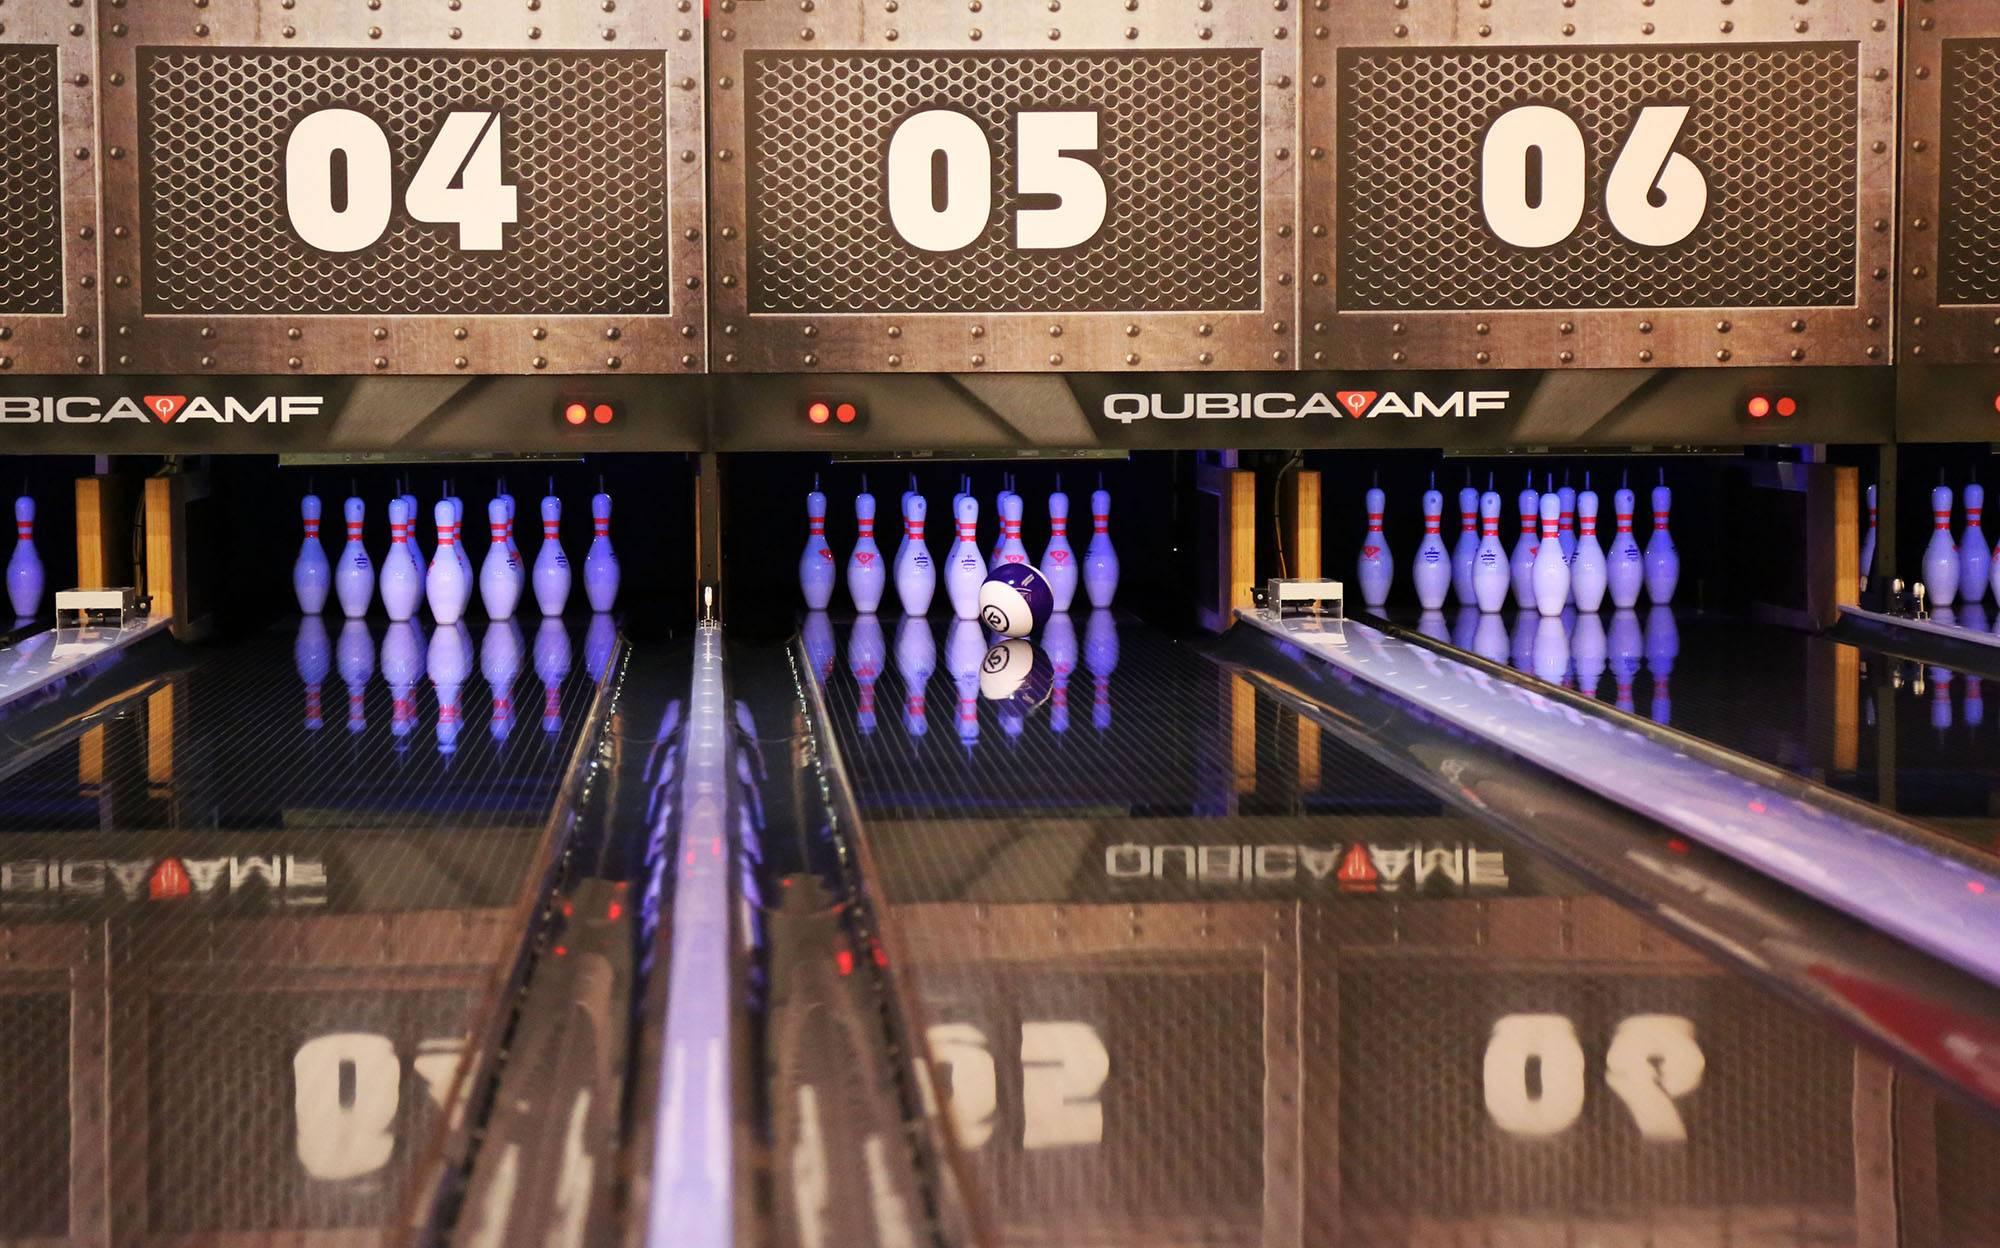 Les Règles Du Jeu : Comment Jouer Au Bowling ? - Onlykart tout Jeux De Bouligue